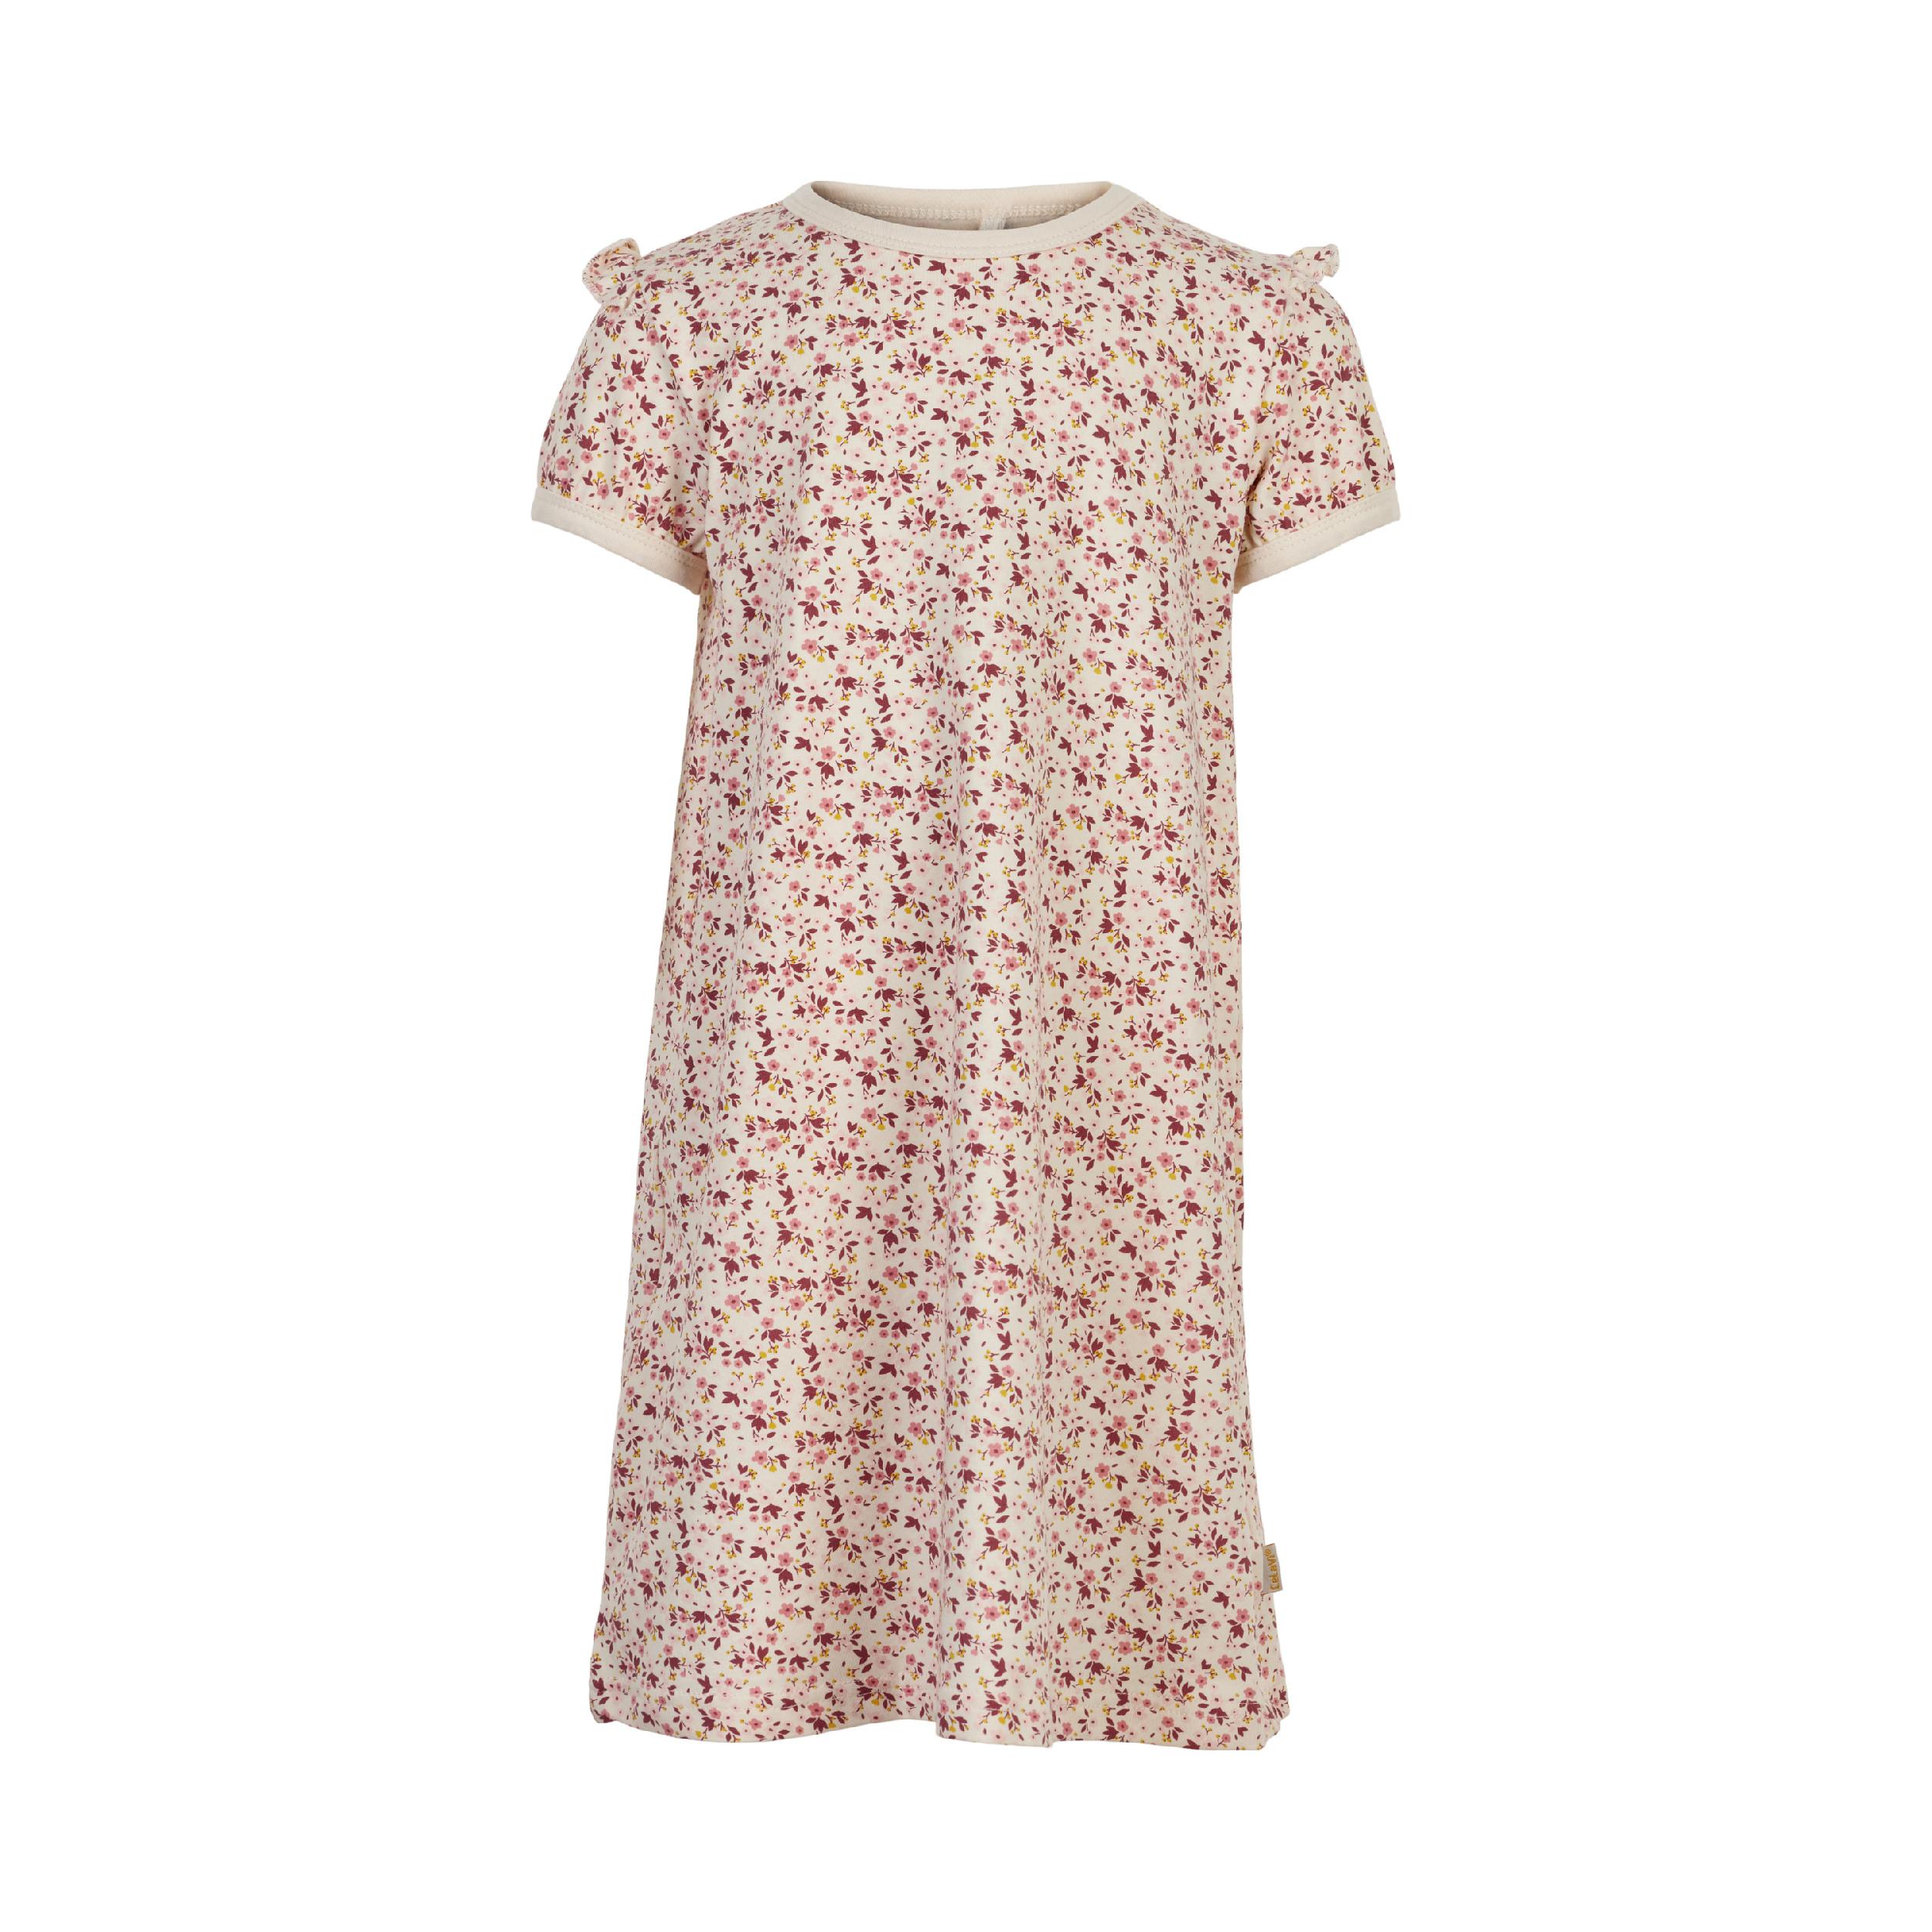 CeLaVi dívčí noční košile 5728 - 111